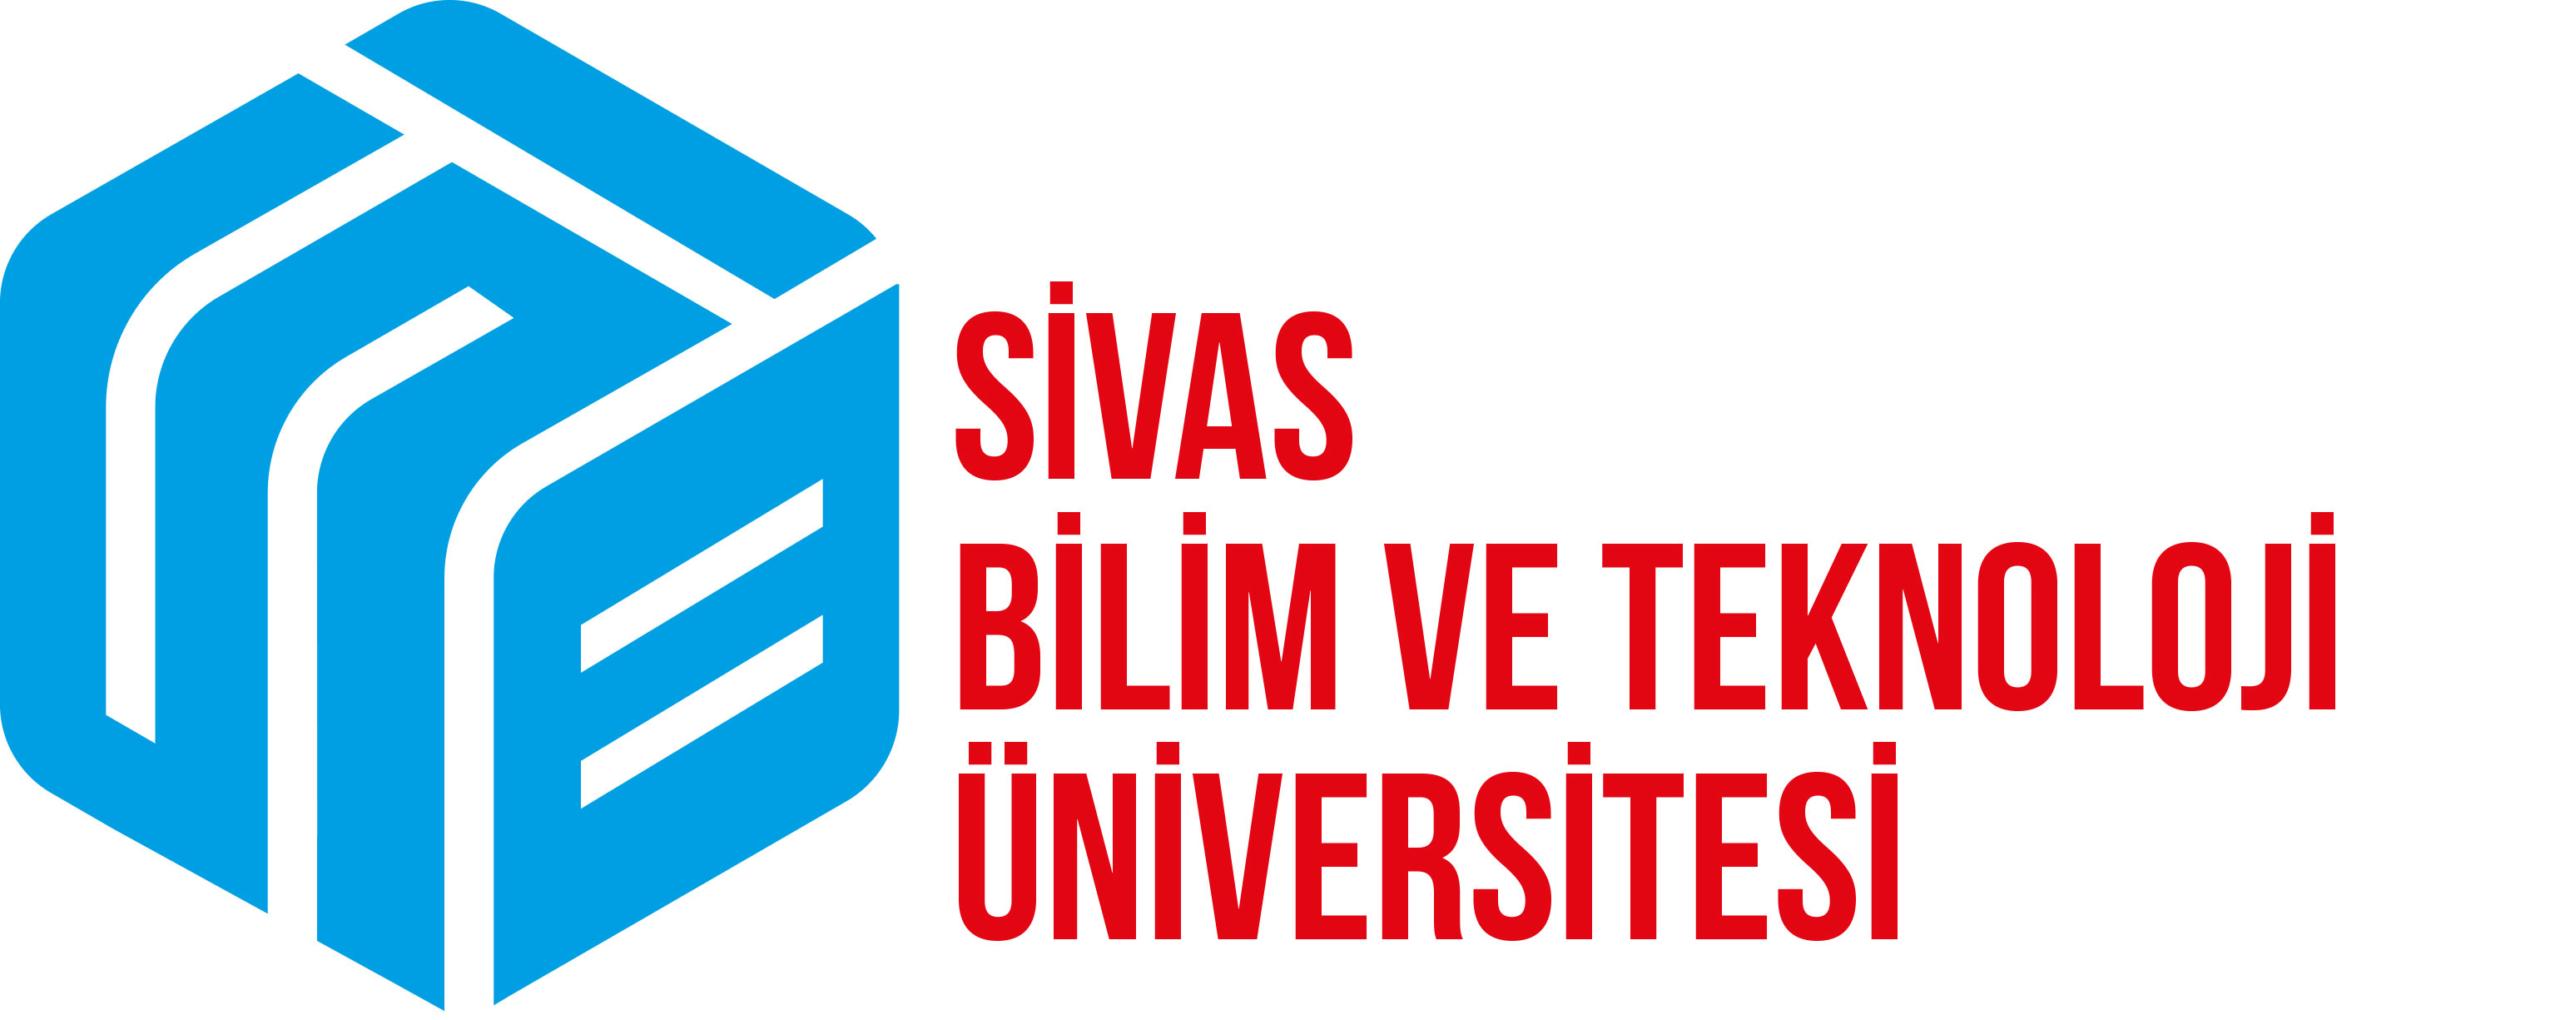 Sivas Bilim Ve Teknoloji Üniversitesi Sözleşmeli Personel Alımı Yapacak